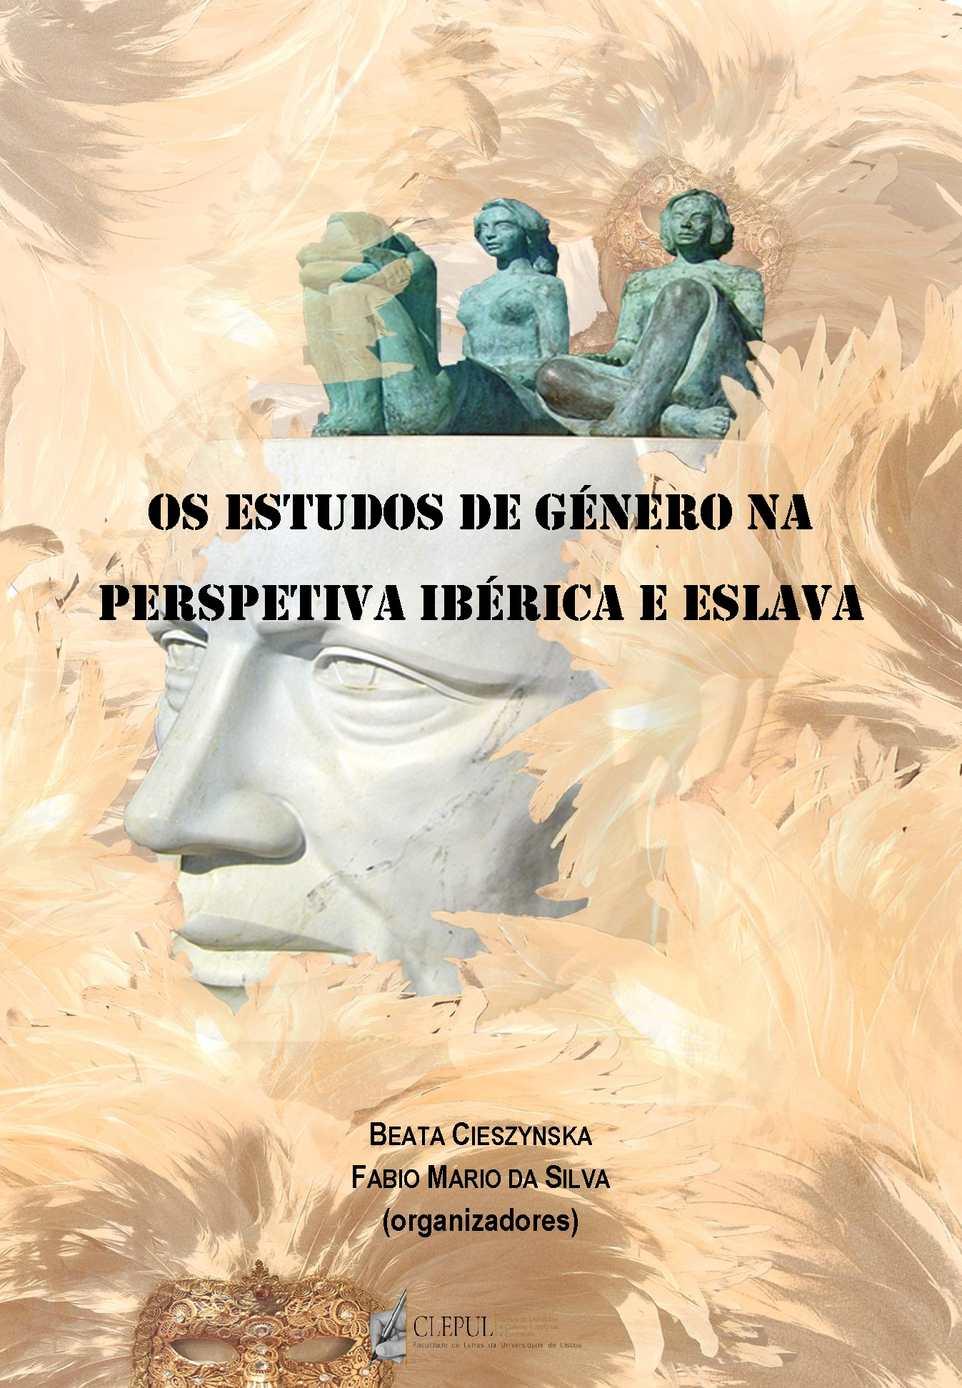 Calamo os estudos de gnero na perspetiva ibrica e eslava fandeluxe Images